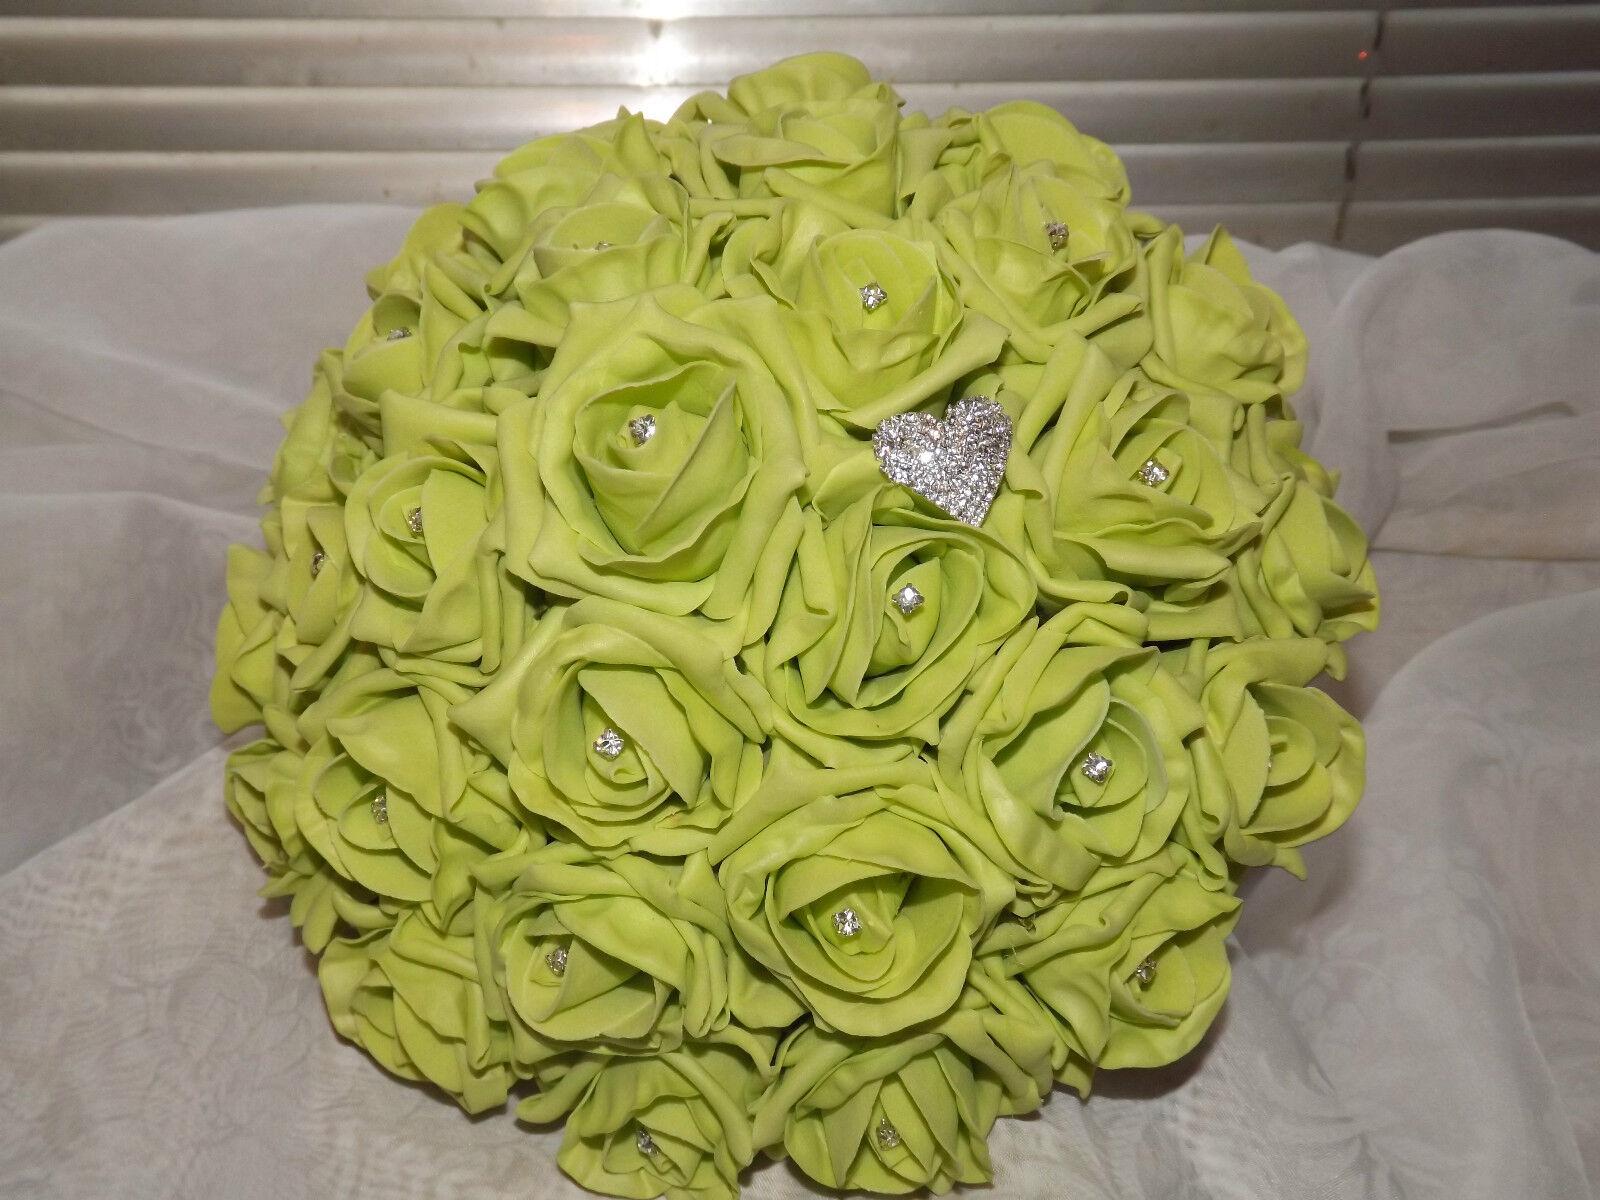 Mariage Fleurs Paquet brides Maids boutonnières Lime & Ivoire Mousse Roses & strass